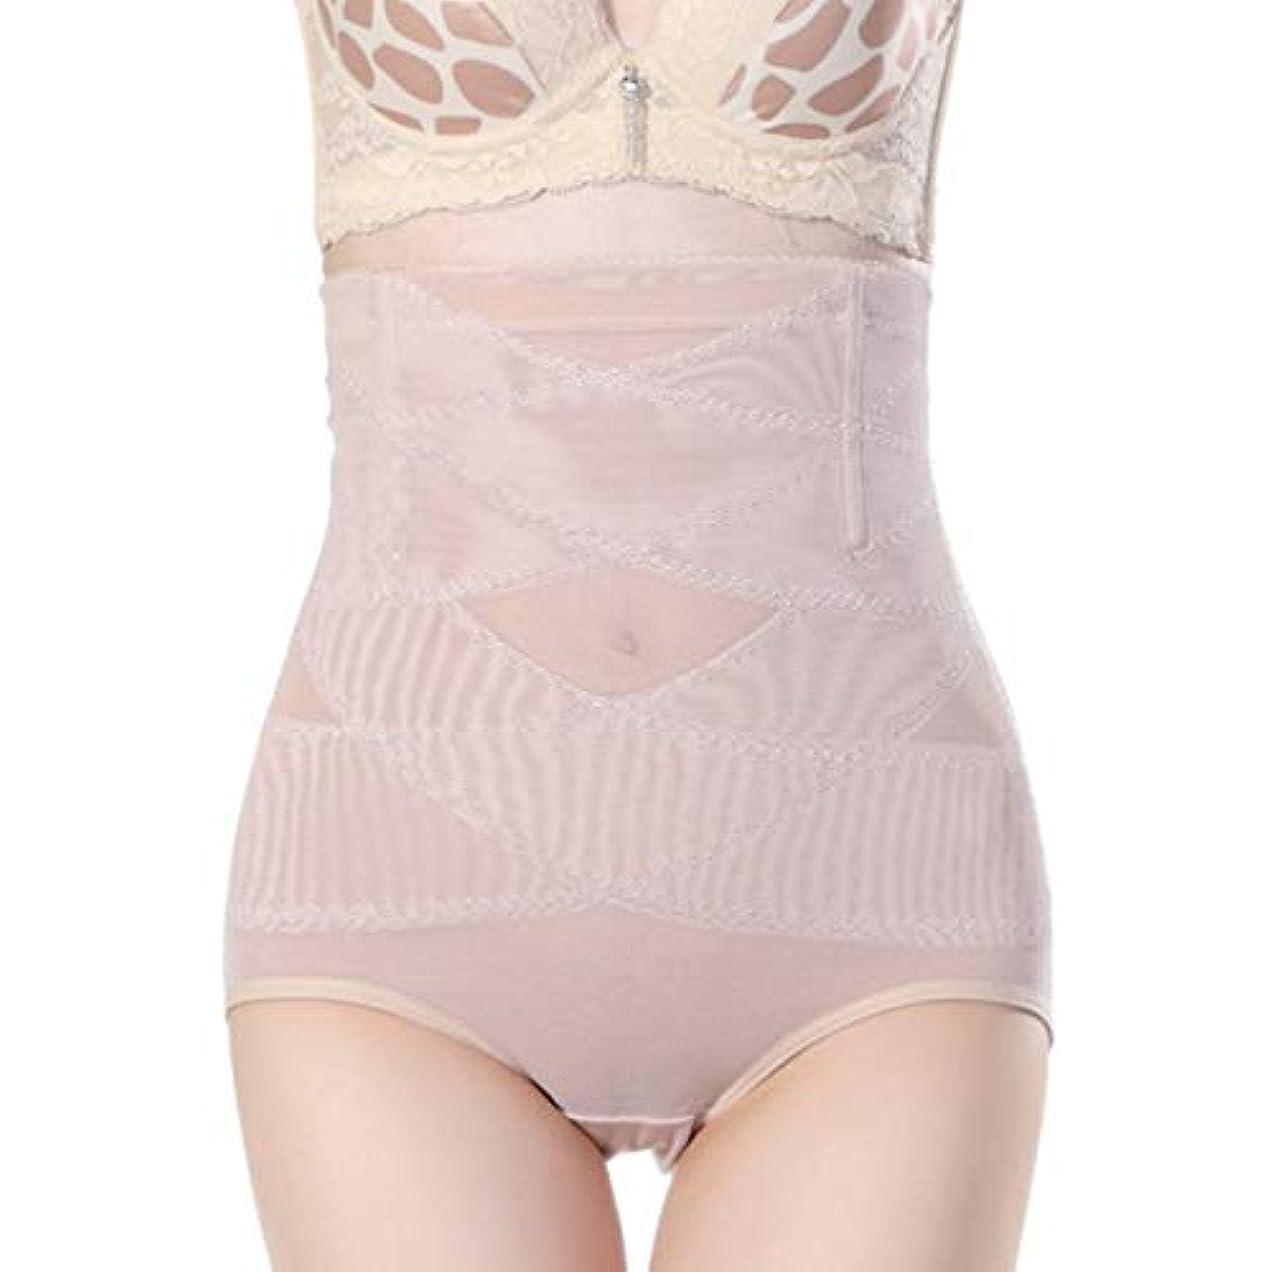 ピンポイント欠如香港腹部制御下着シームレスおなかコントロールパンティーバットリフターボディシェイパーを痩身通気性のハイウエストの女性 - 肌色2 XL